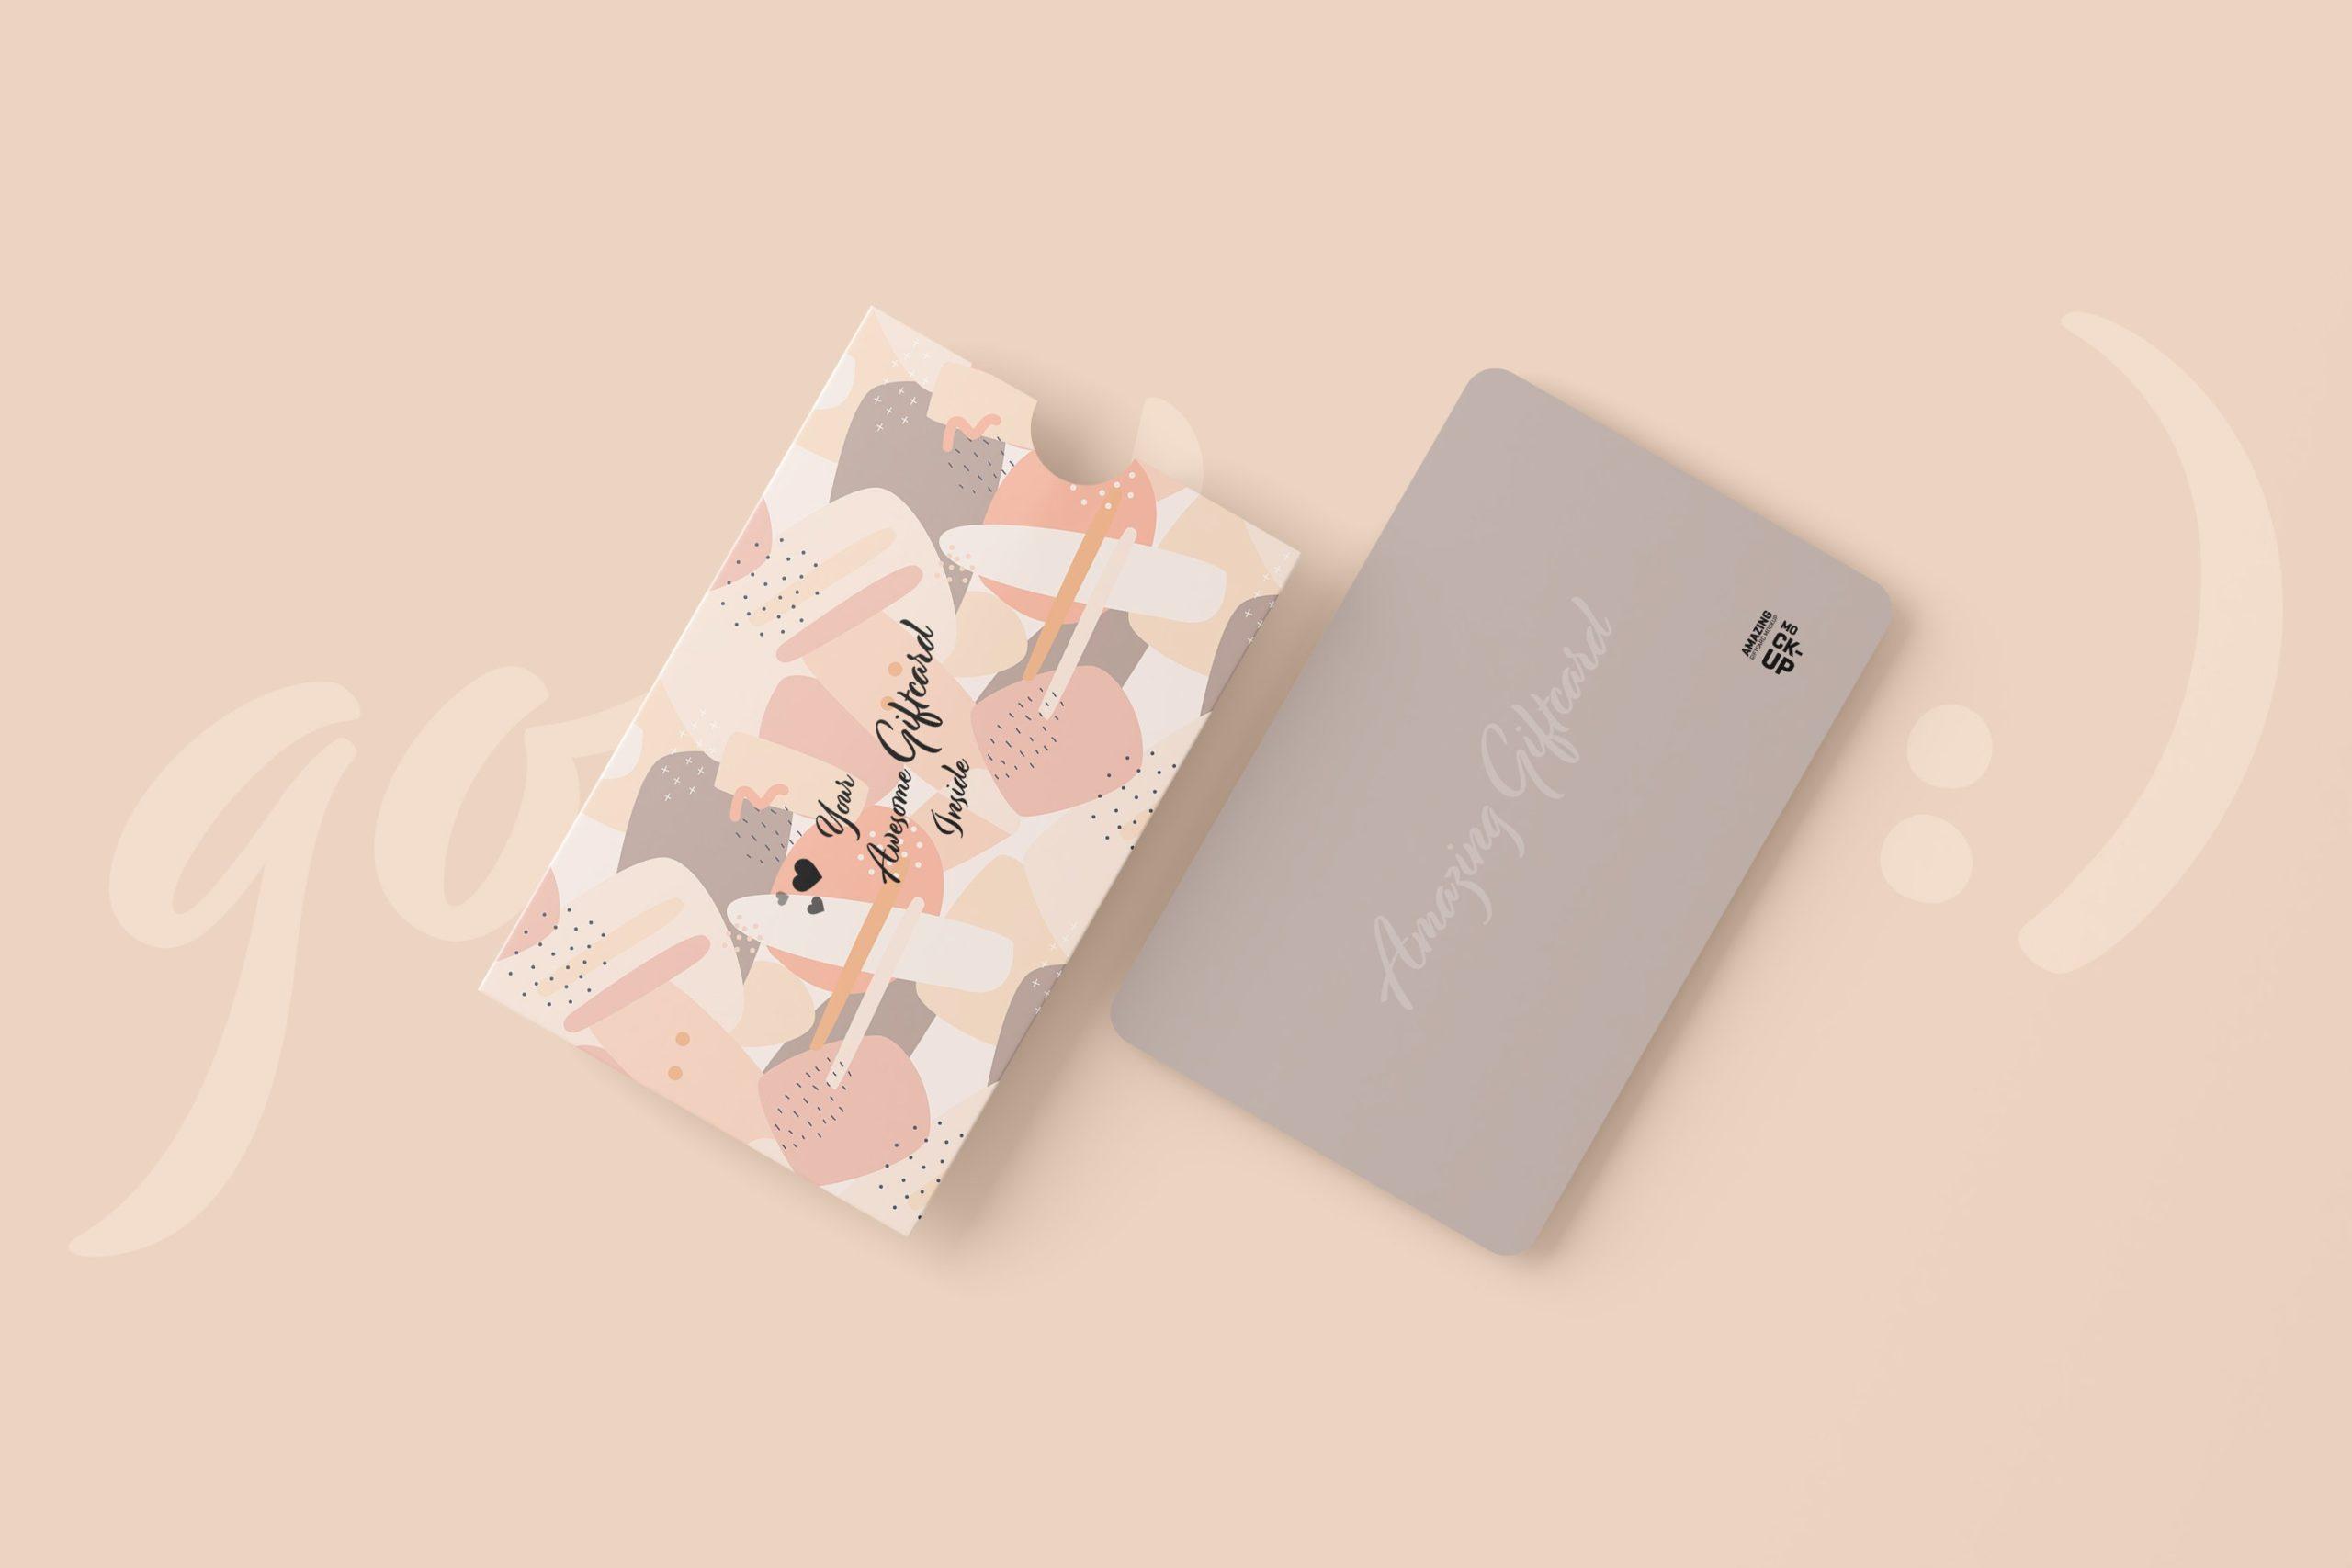 11款名片礼品卡设计展示贴图样机模板 Gift Card Mockup插图10